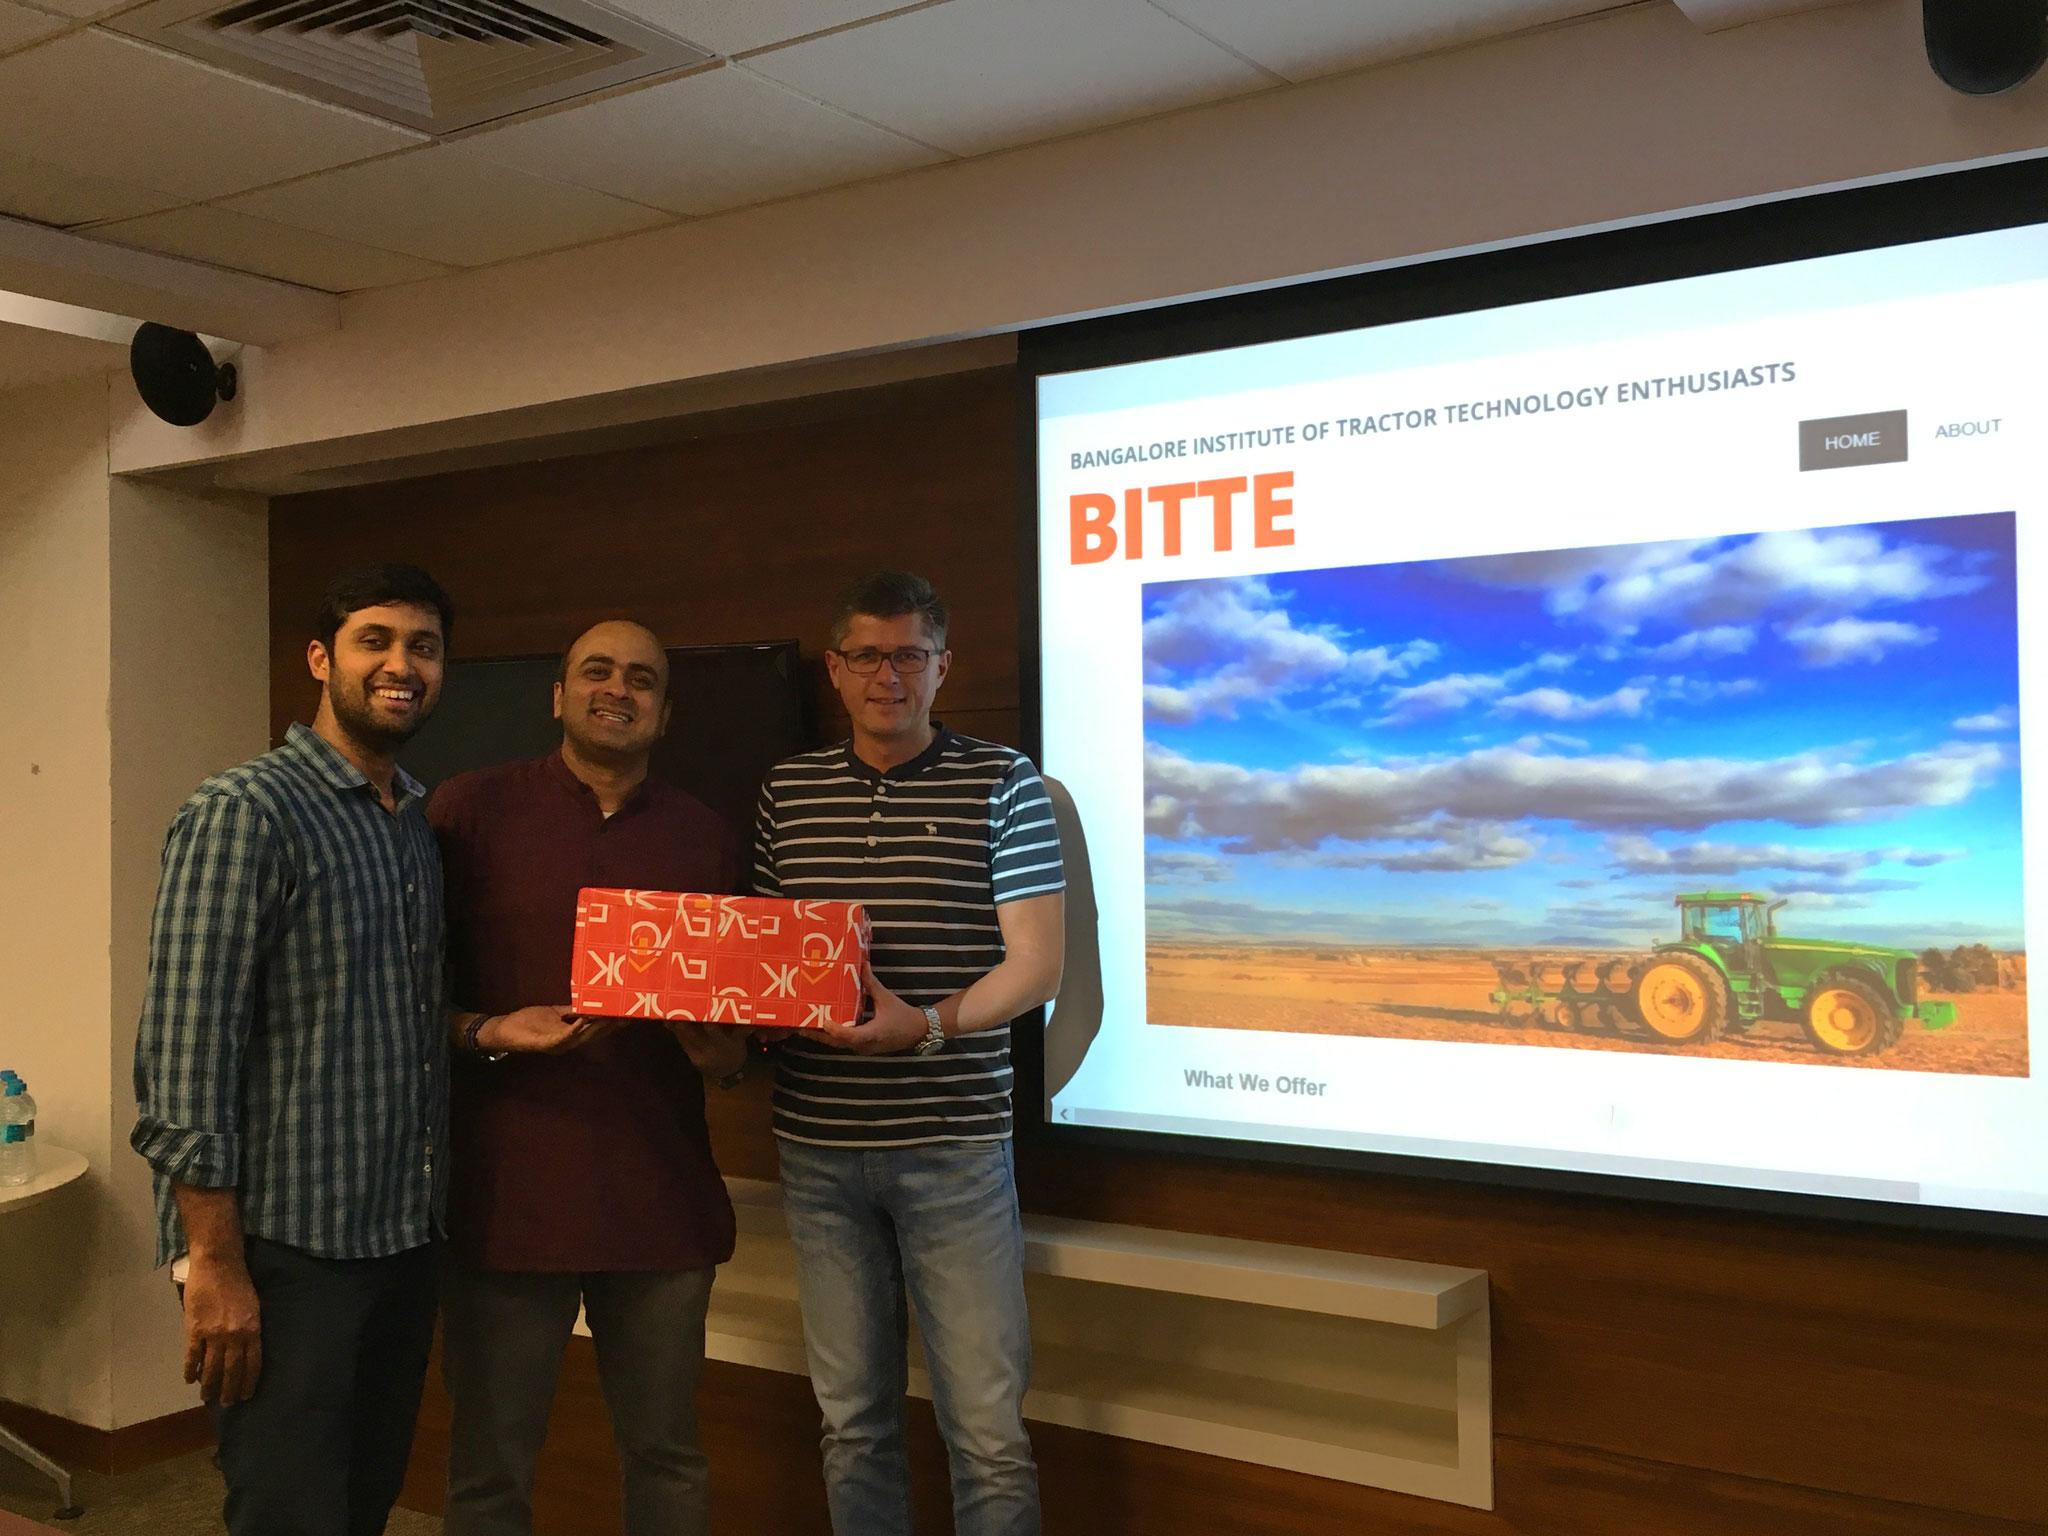 Übergabe Geschenk durch BITTE für Vereinsheim der Traktoren-Freunde (Bangalore, Sept 2016)